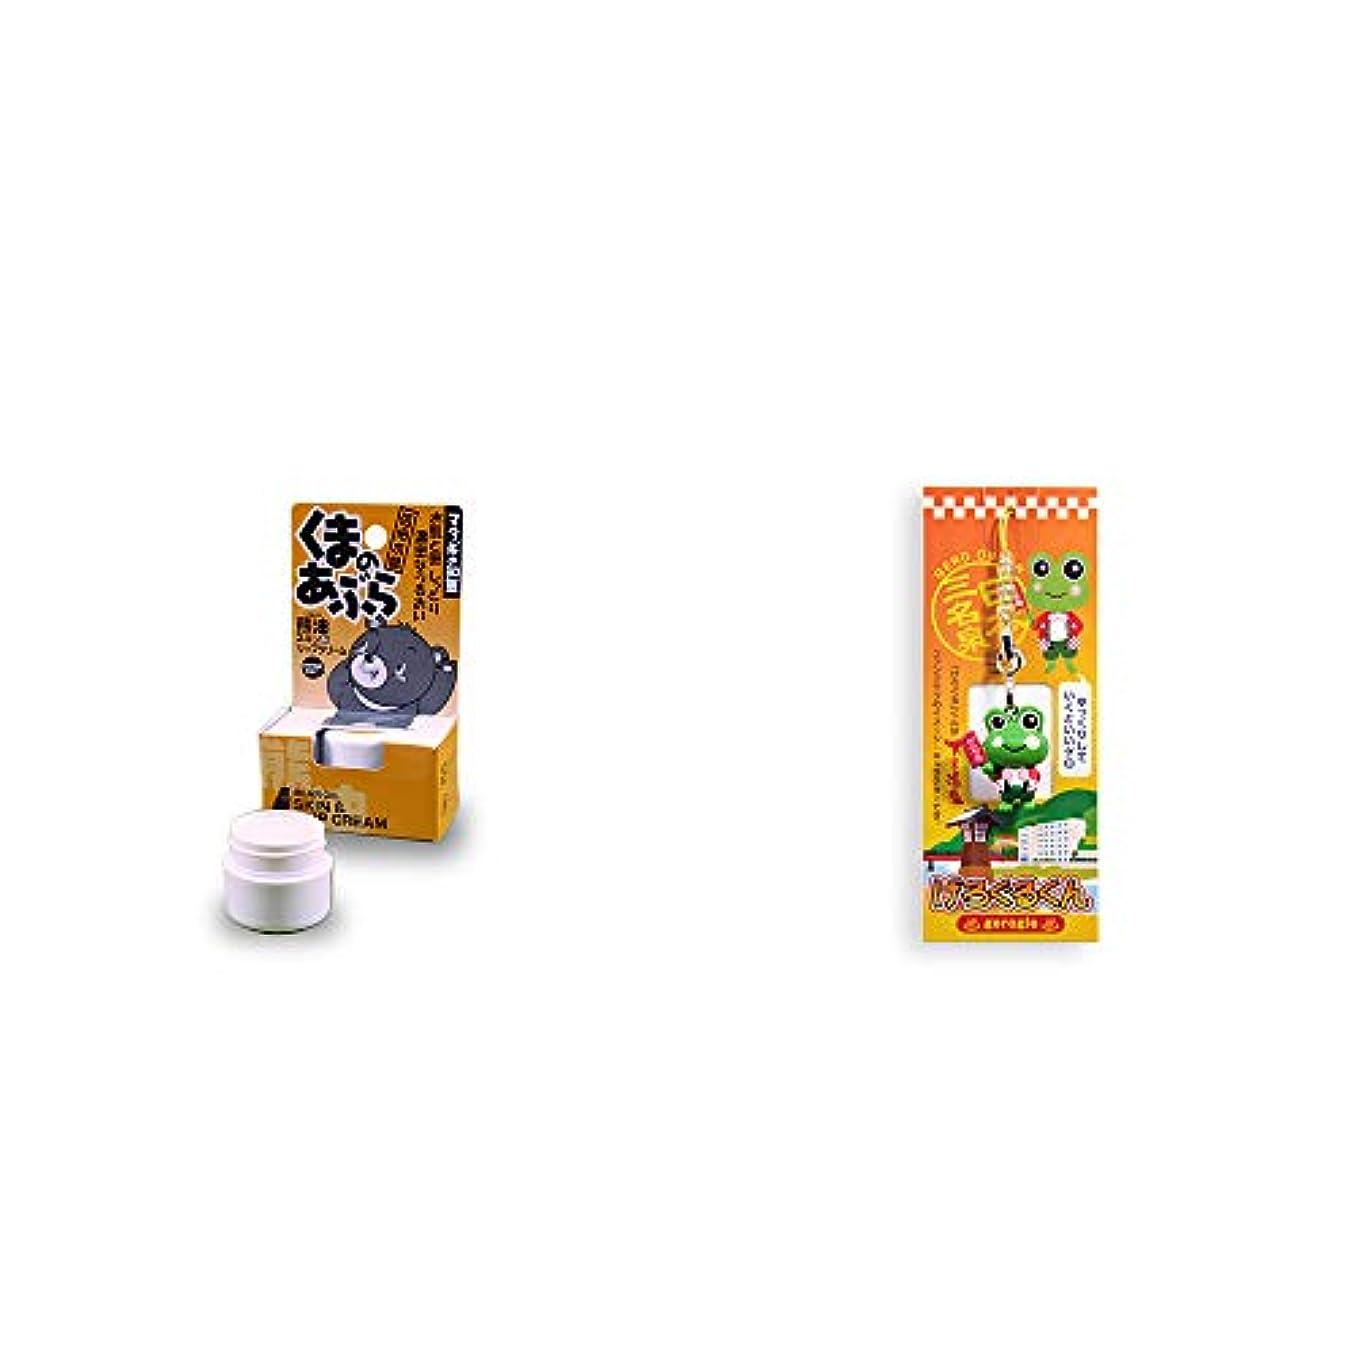 北西物理的にテンポ[2点セット] 信州木曽 くまのあぶら 熊油スキン&リップクリーム(9g)?下呂温泉ファンクラブのイメージキャラクター げろぐるくんストラップ